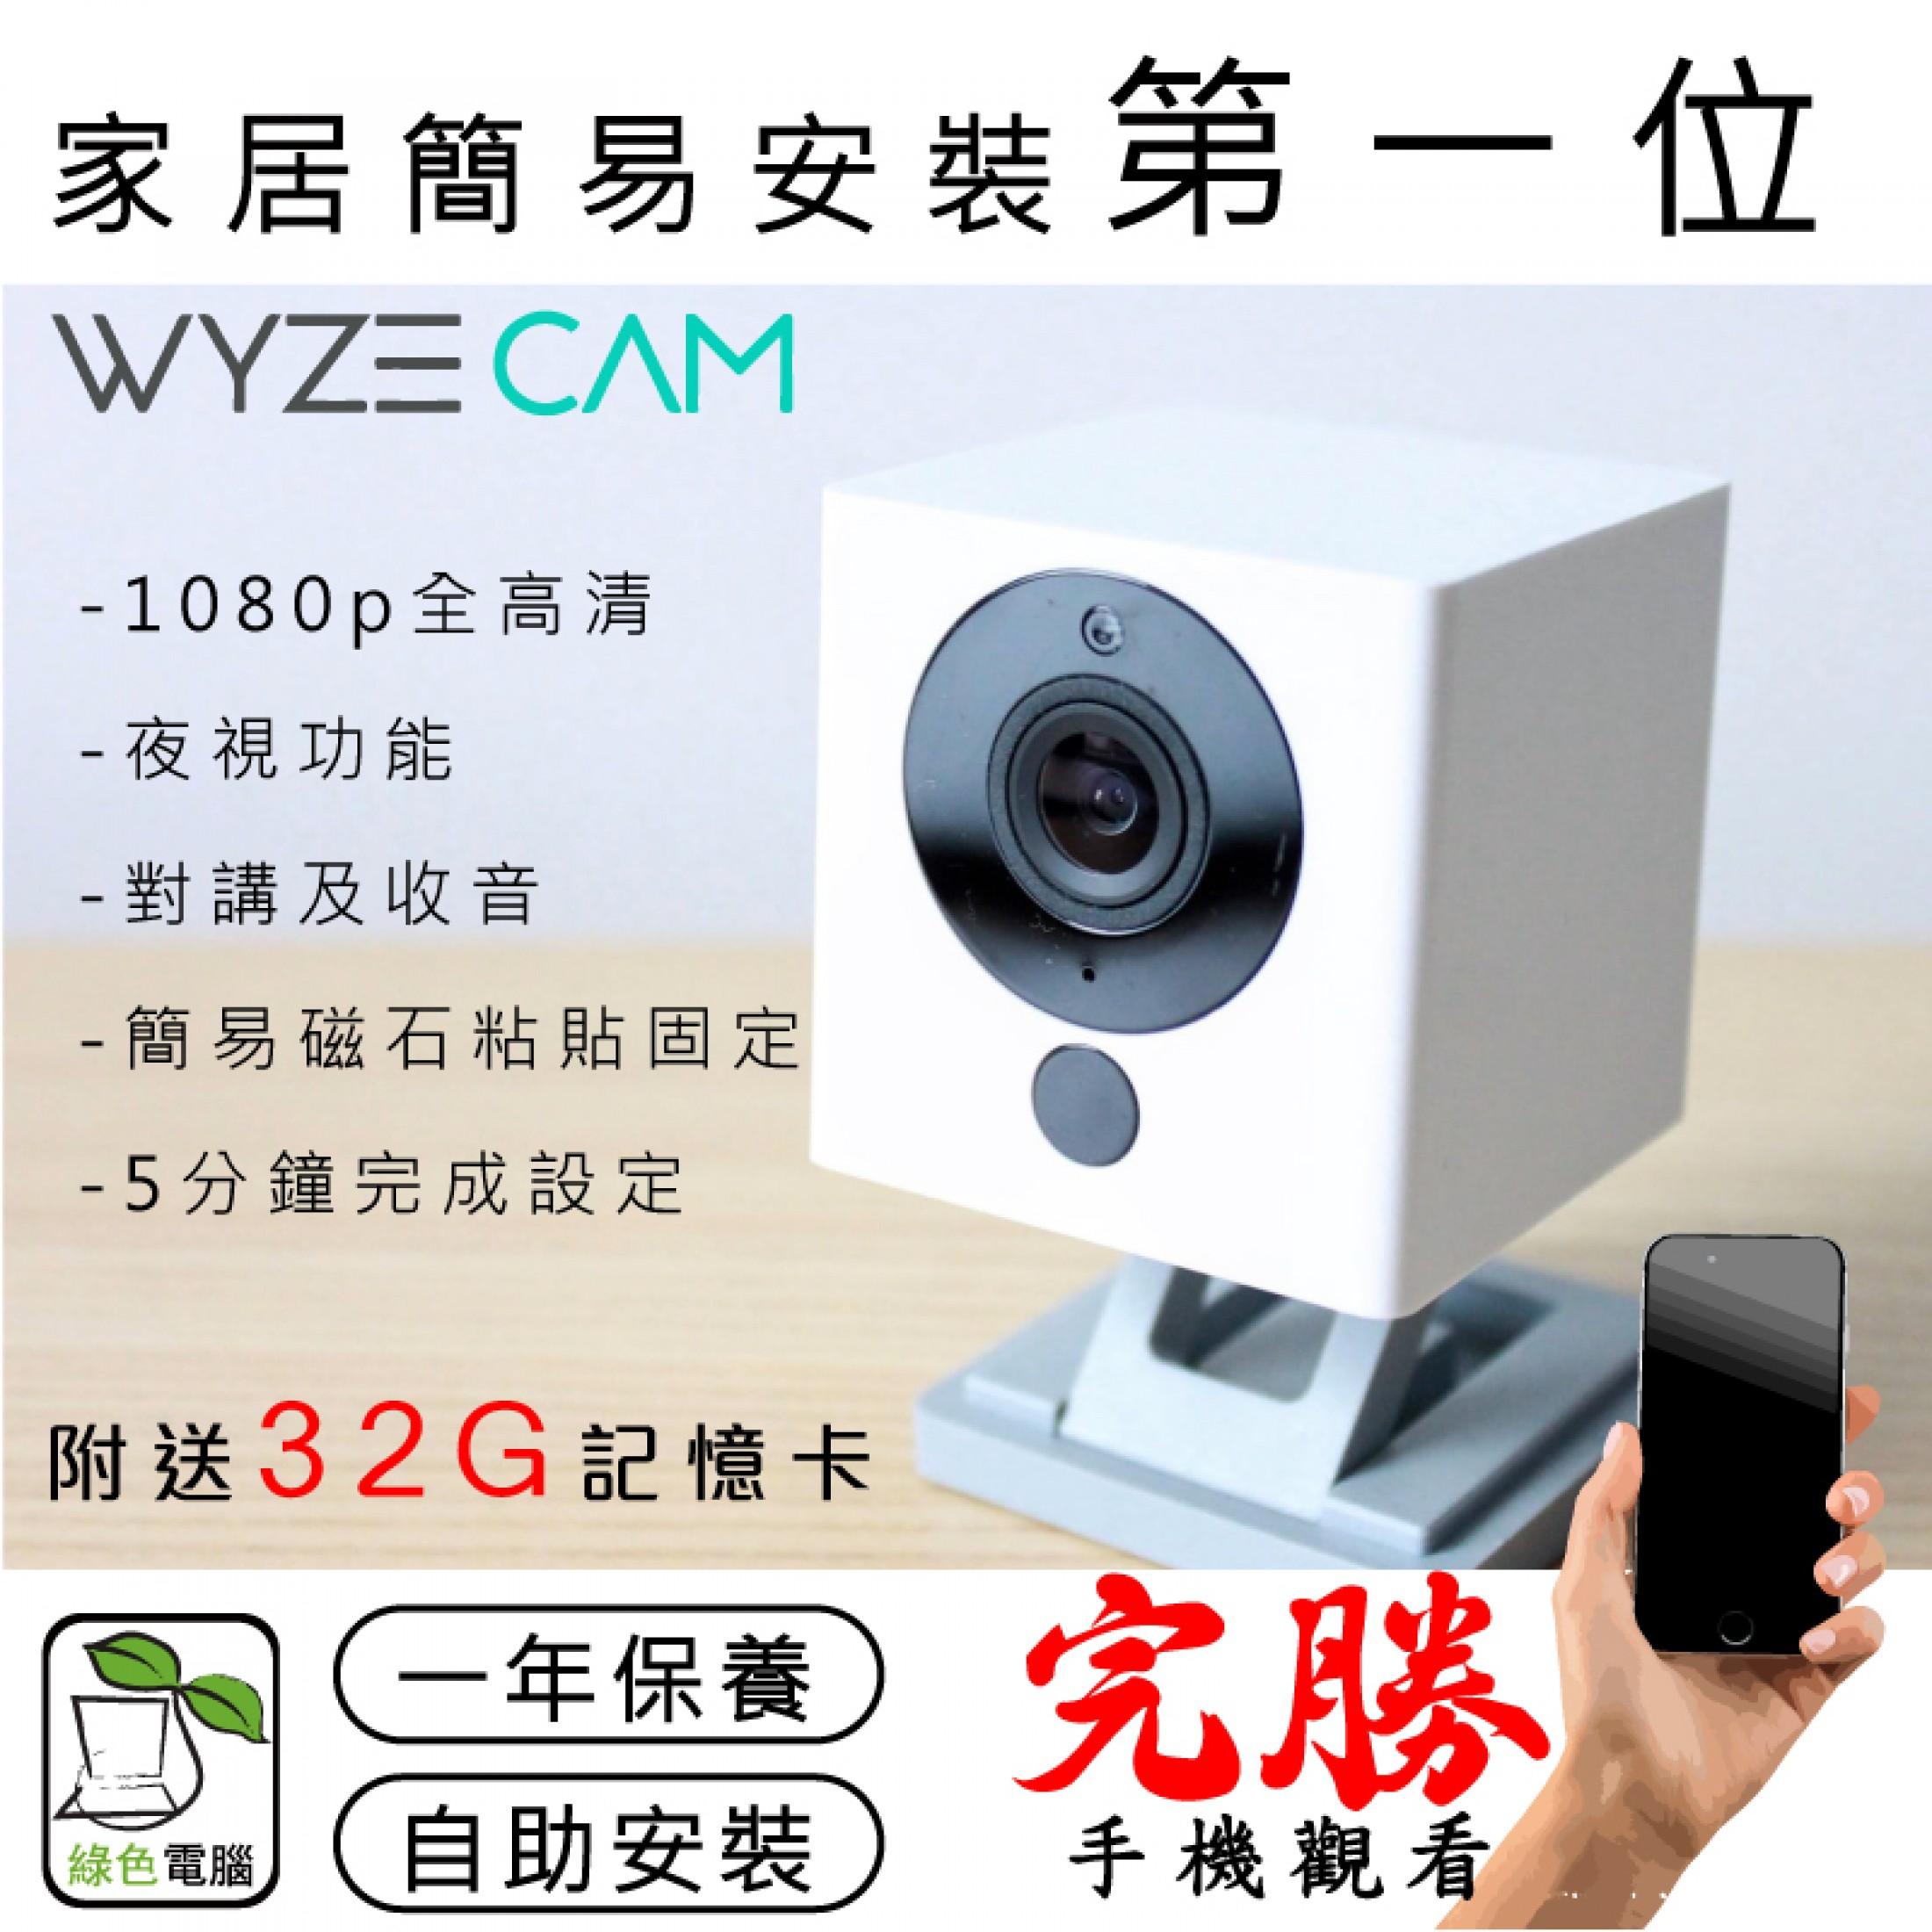 簡易家居之選 - Wyze 1080P WIFI數碼鏡頭 (收音/對講/夜視)